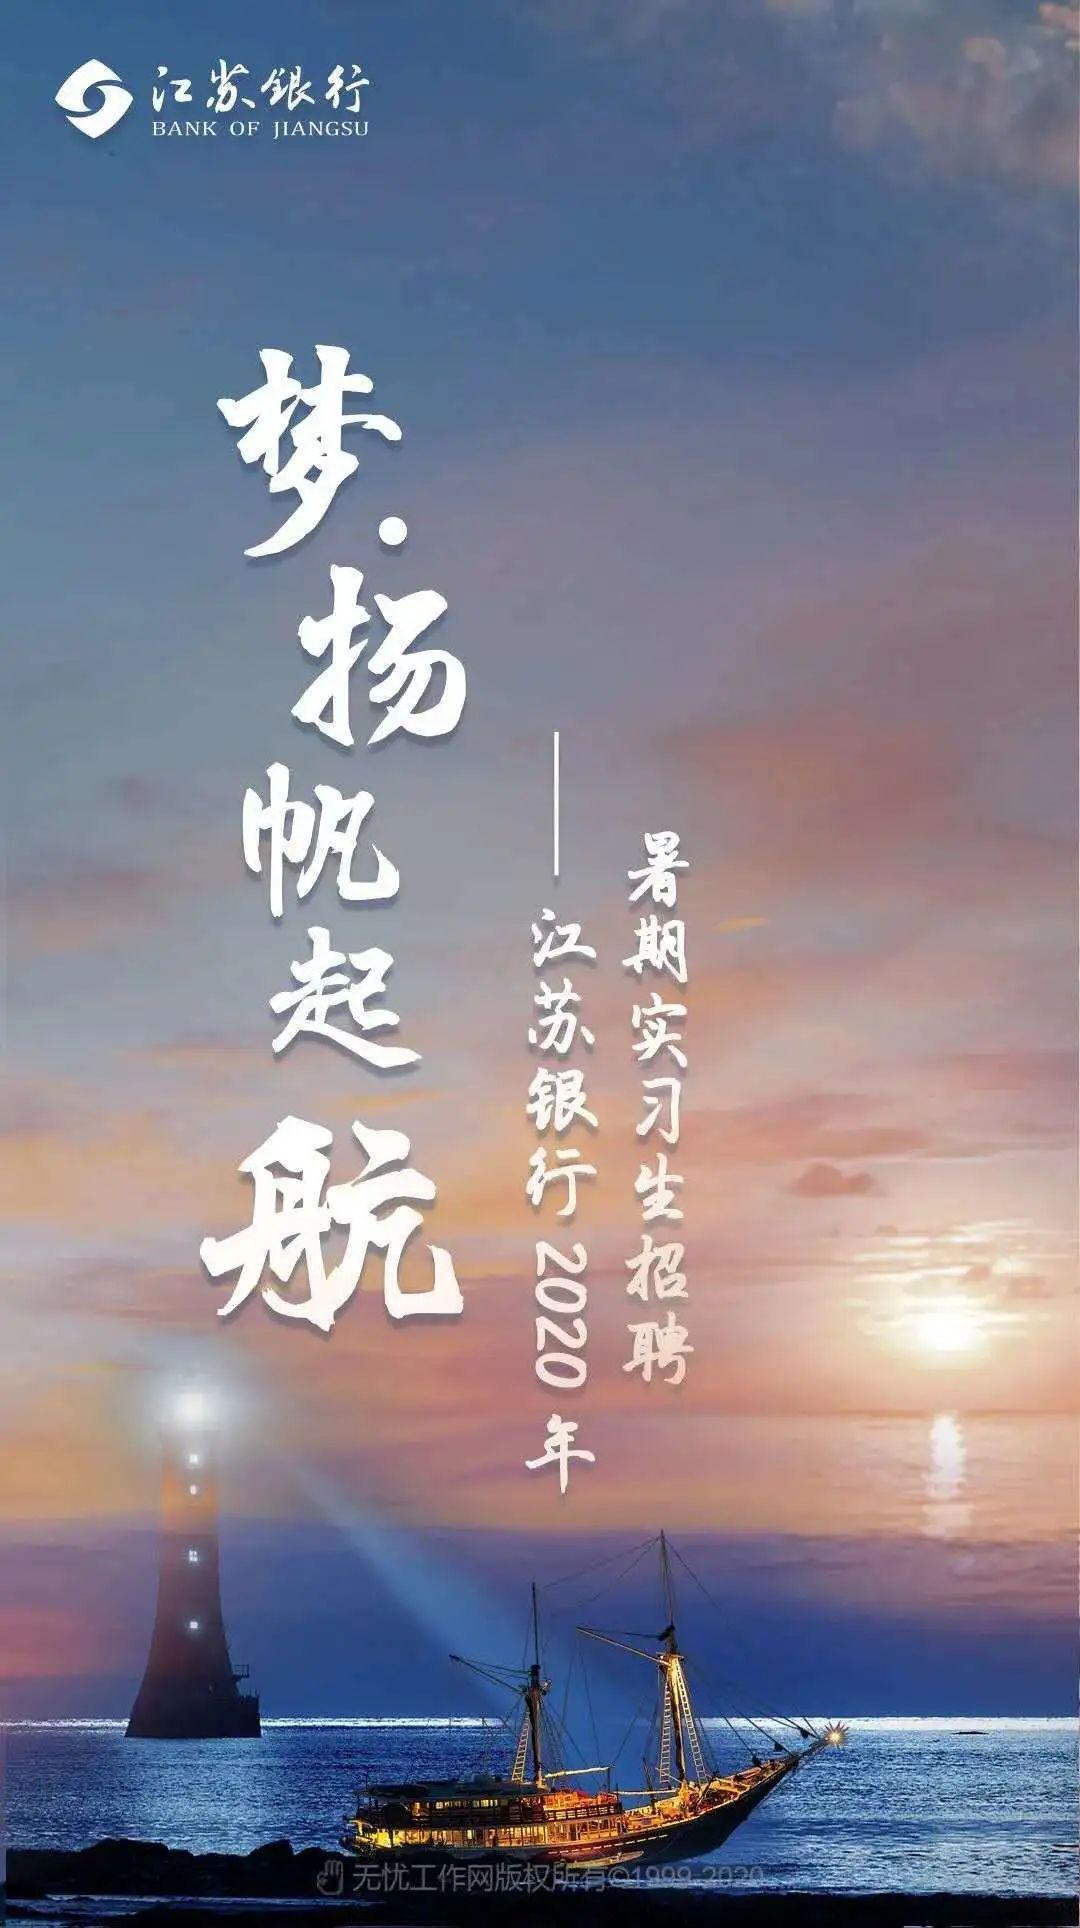 暑期实习丨江苏银行2020年暑期实习生招聘